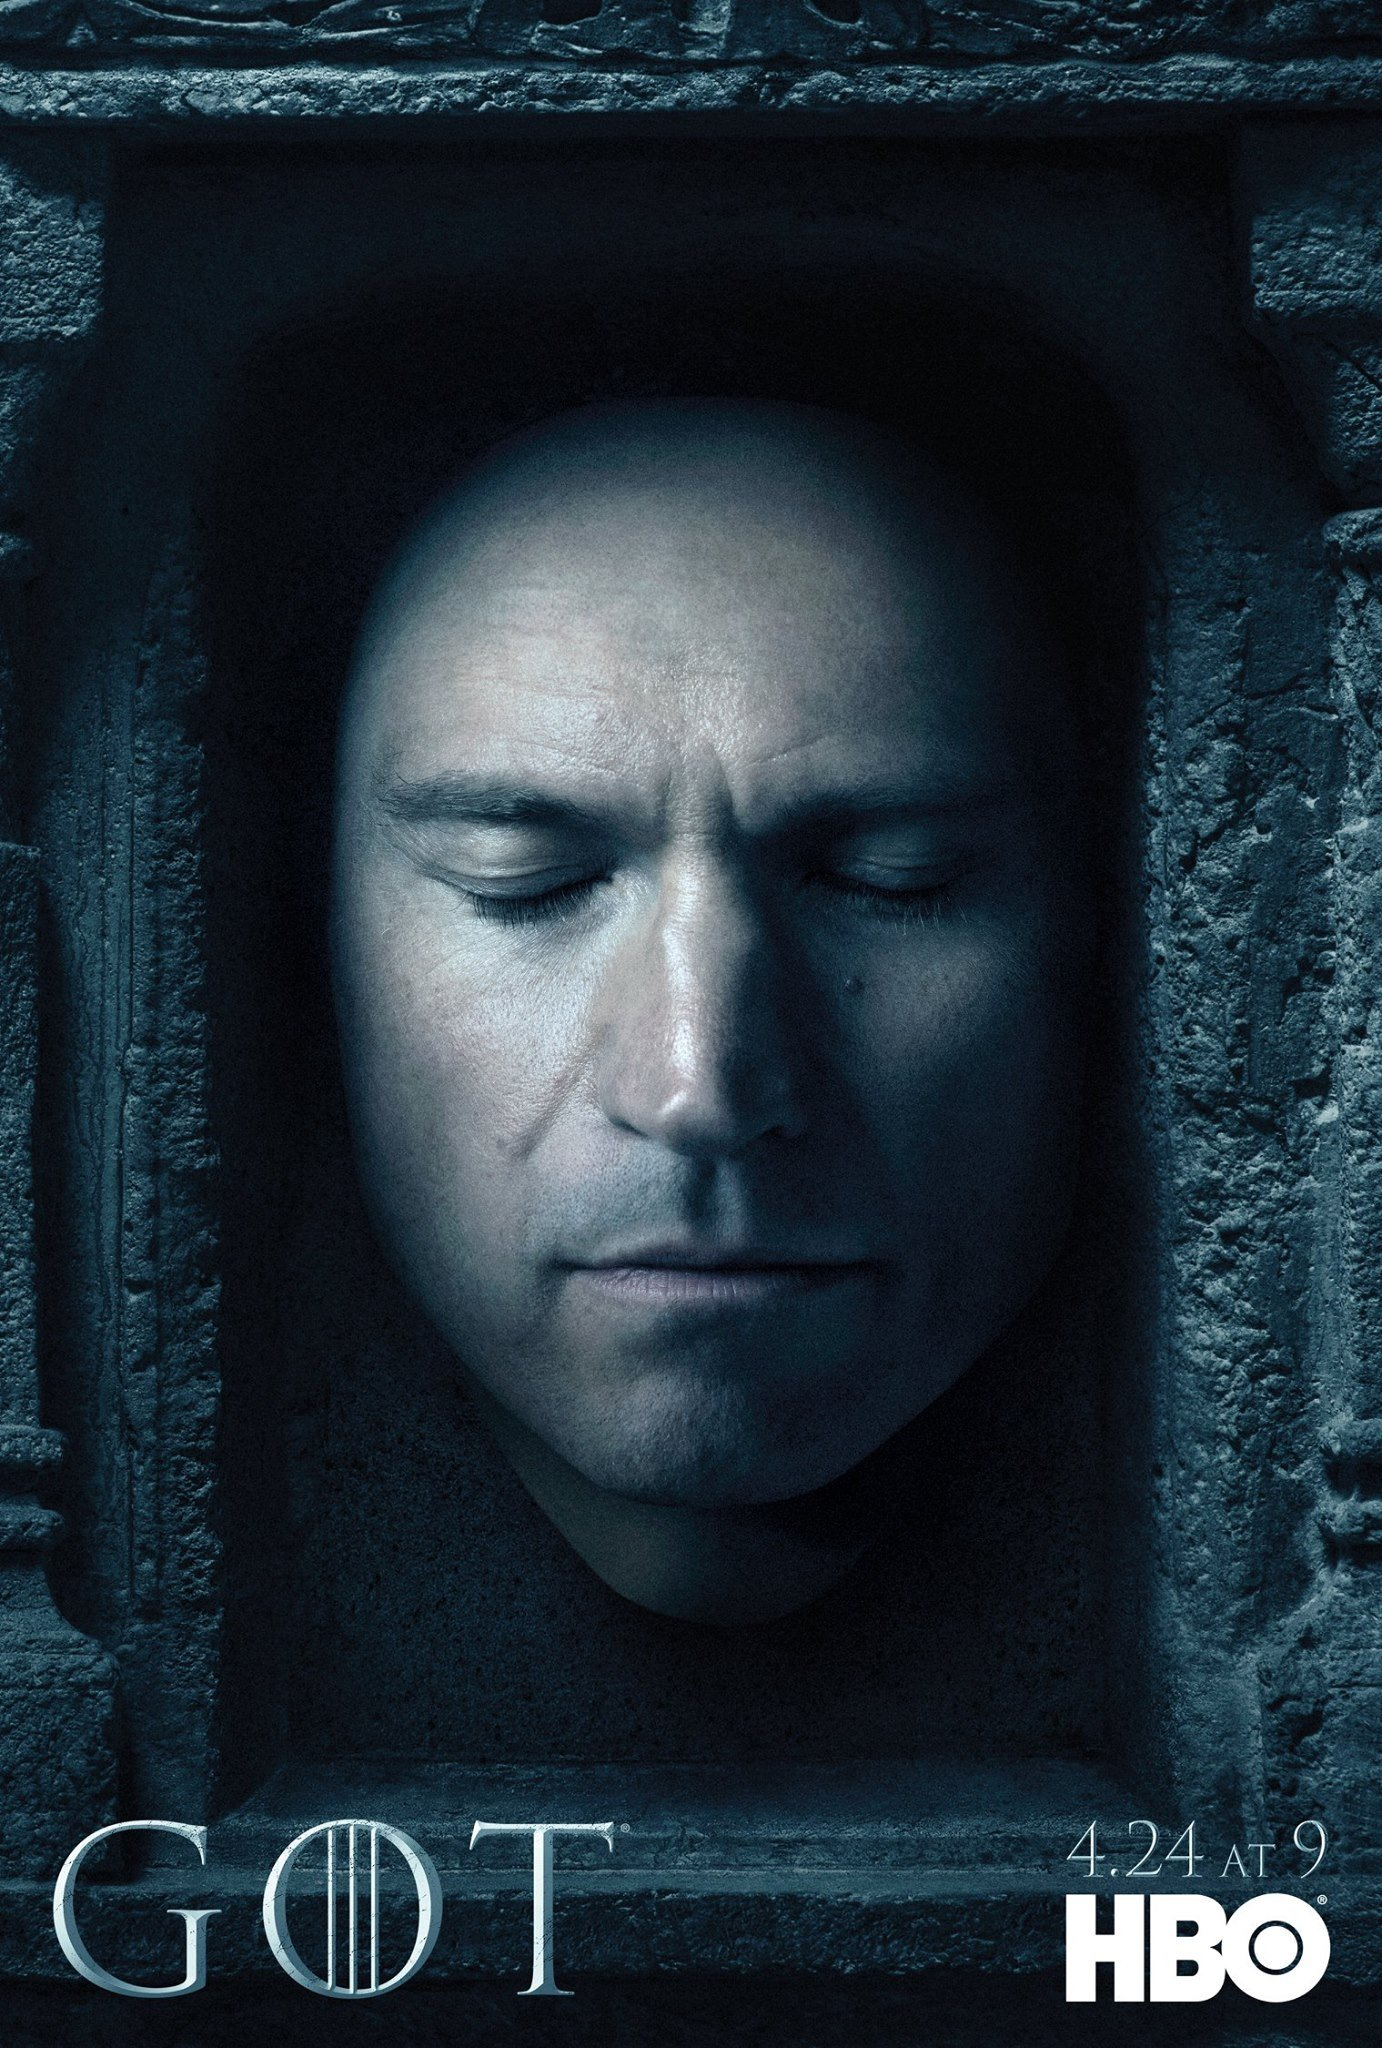 Il trono di spade: il character poster di Jaime Lannister